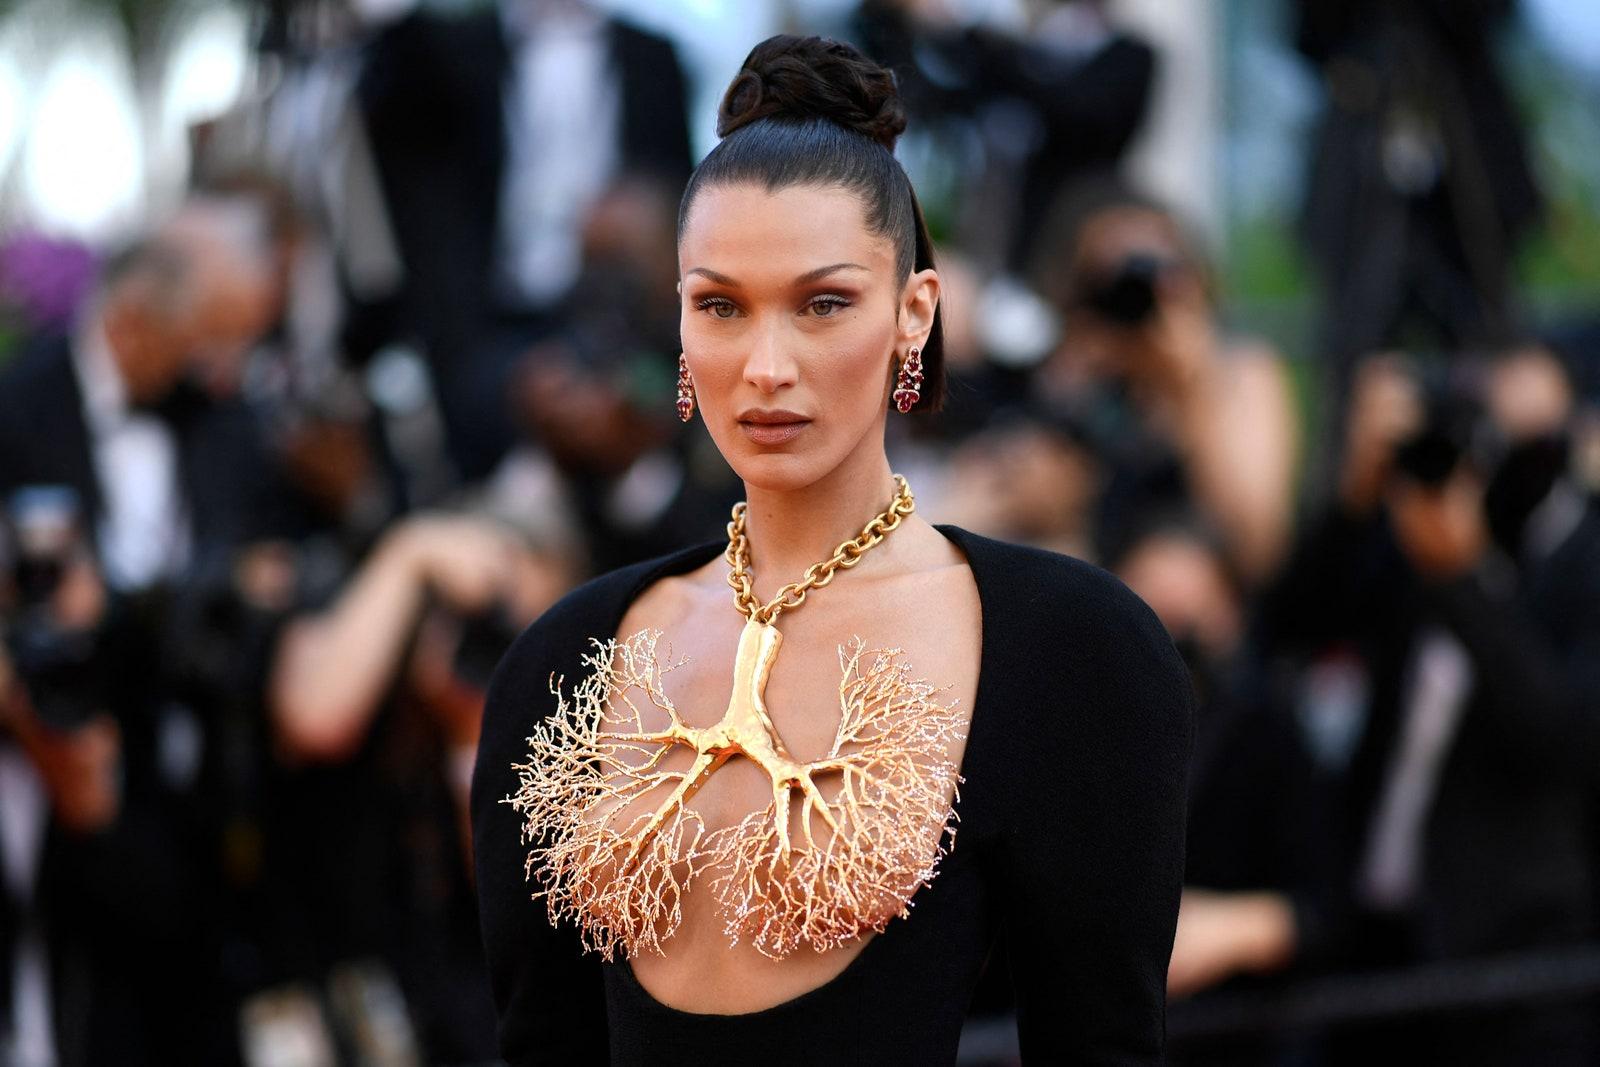 Ở ngày thứ 6 của LHP Cannes 2021, siêu mẫu Bella Hadid khiến thảm đỏ nóng hơn khi diện thiết kế khoe trọn vòng 1. Cô mang một chiếc dây chuyền hình 2 lá phổi bằng vàng và dùng chính món trang sức cỡ lớn này che cho phần ngực.